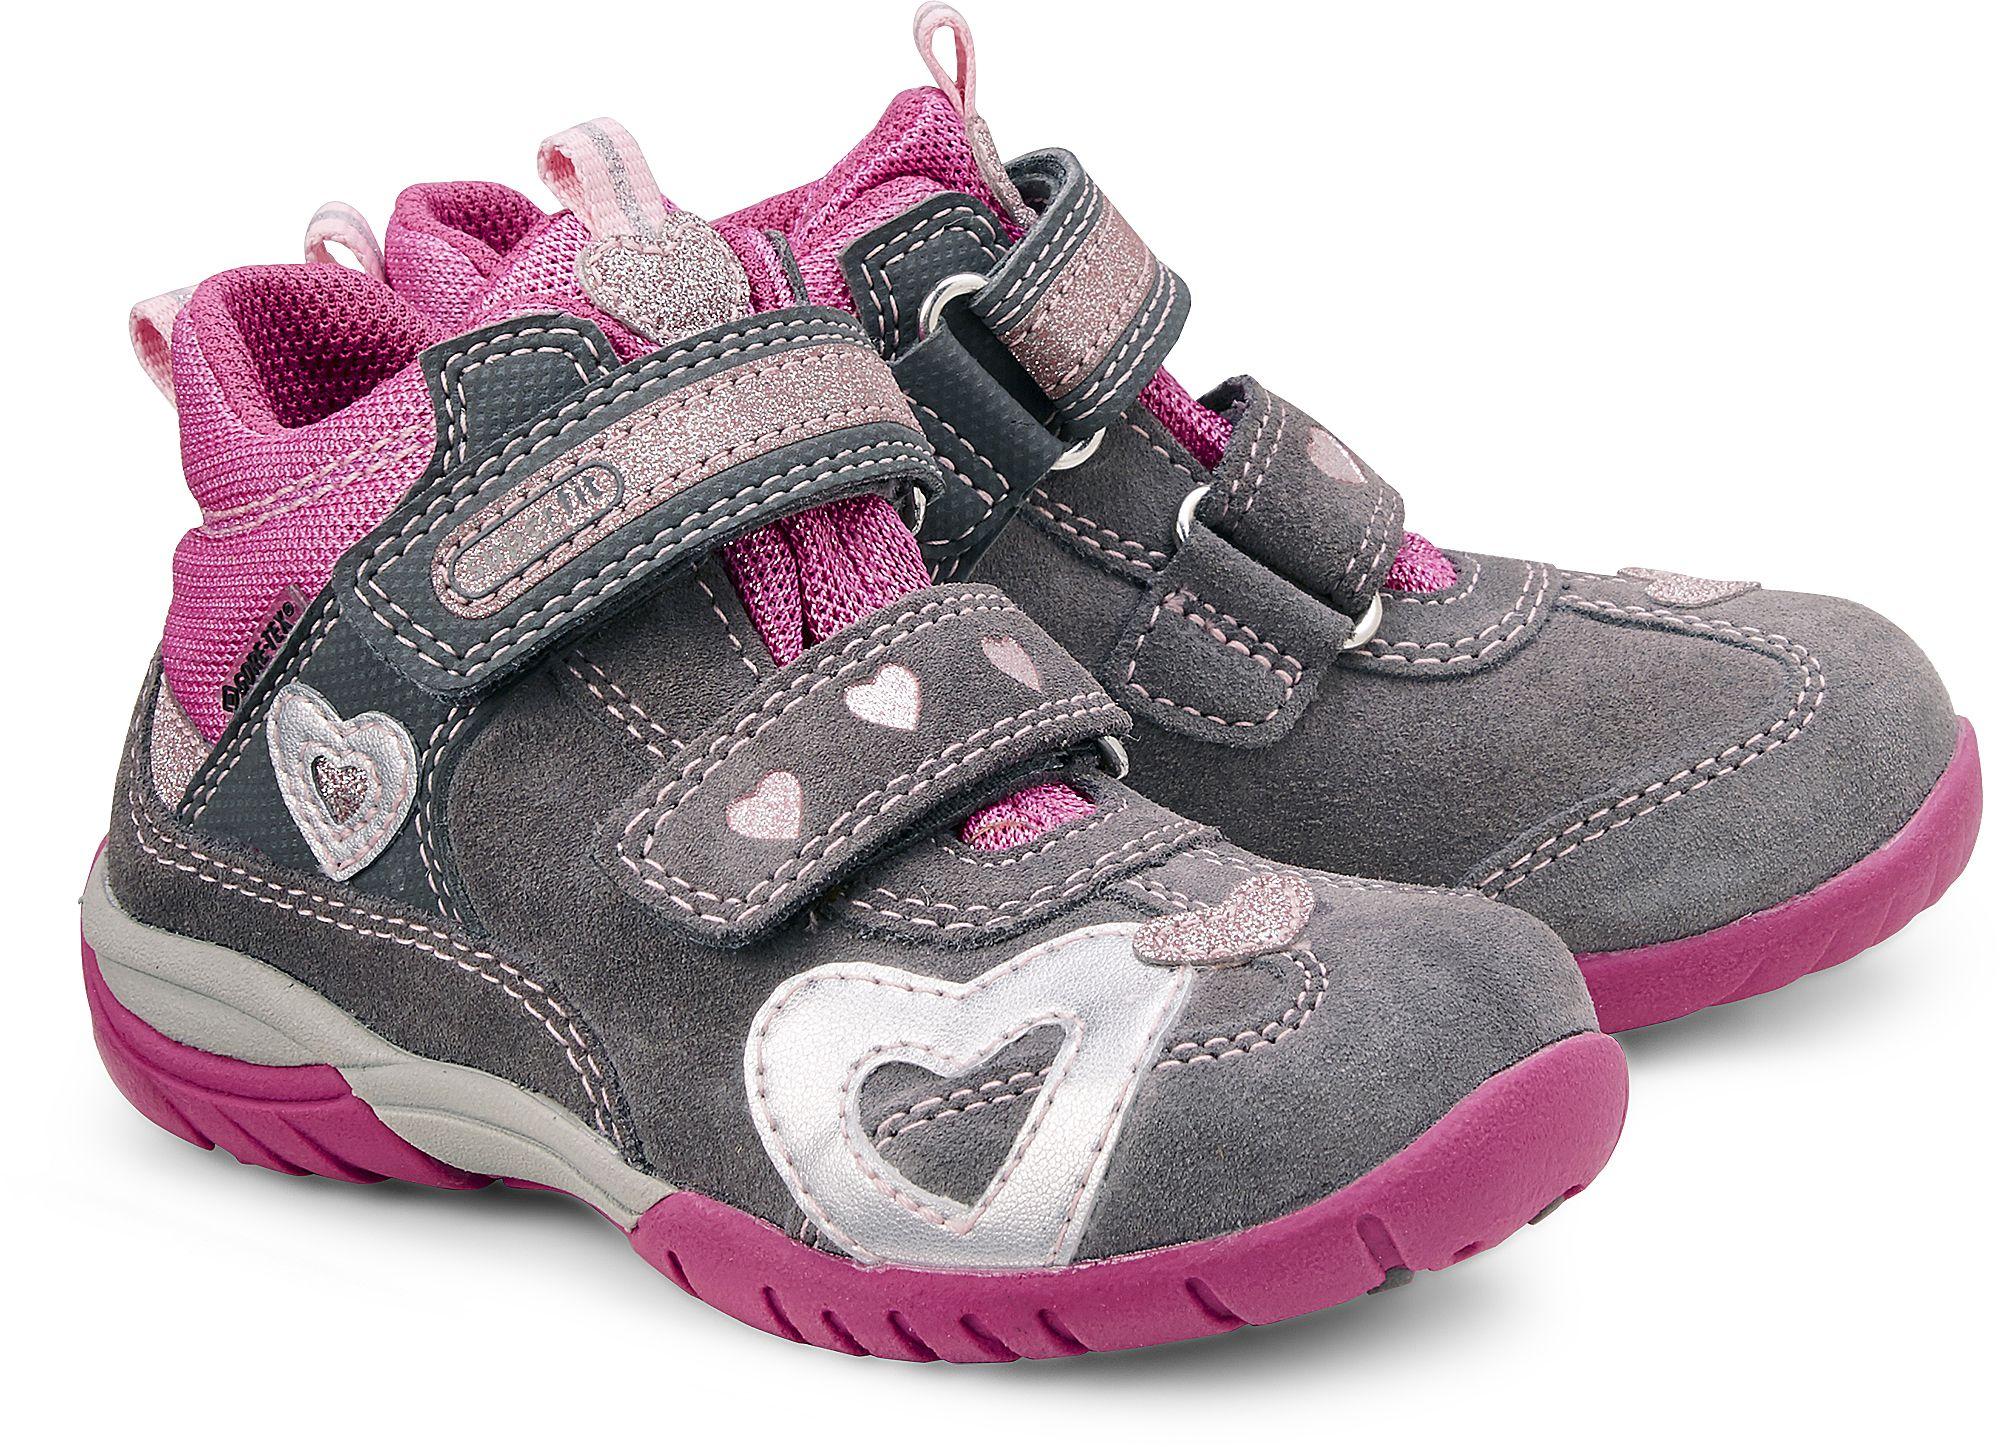 newest dd257 29b1a Schuhe online kaufen